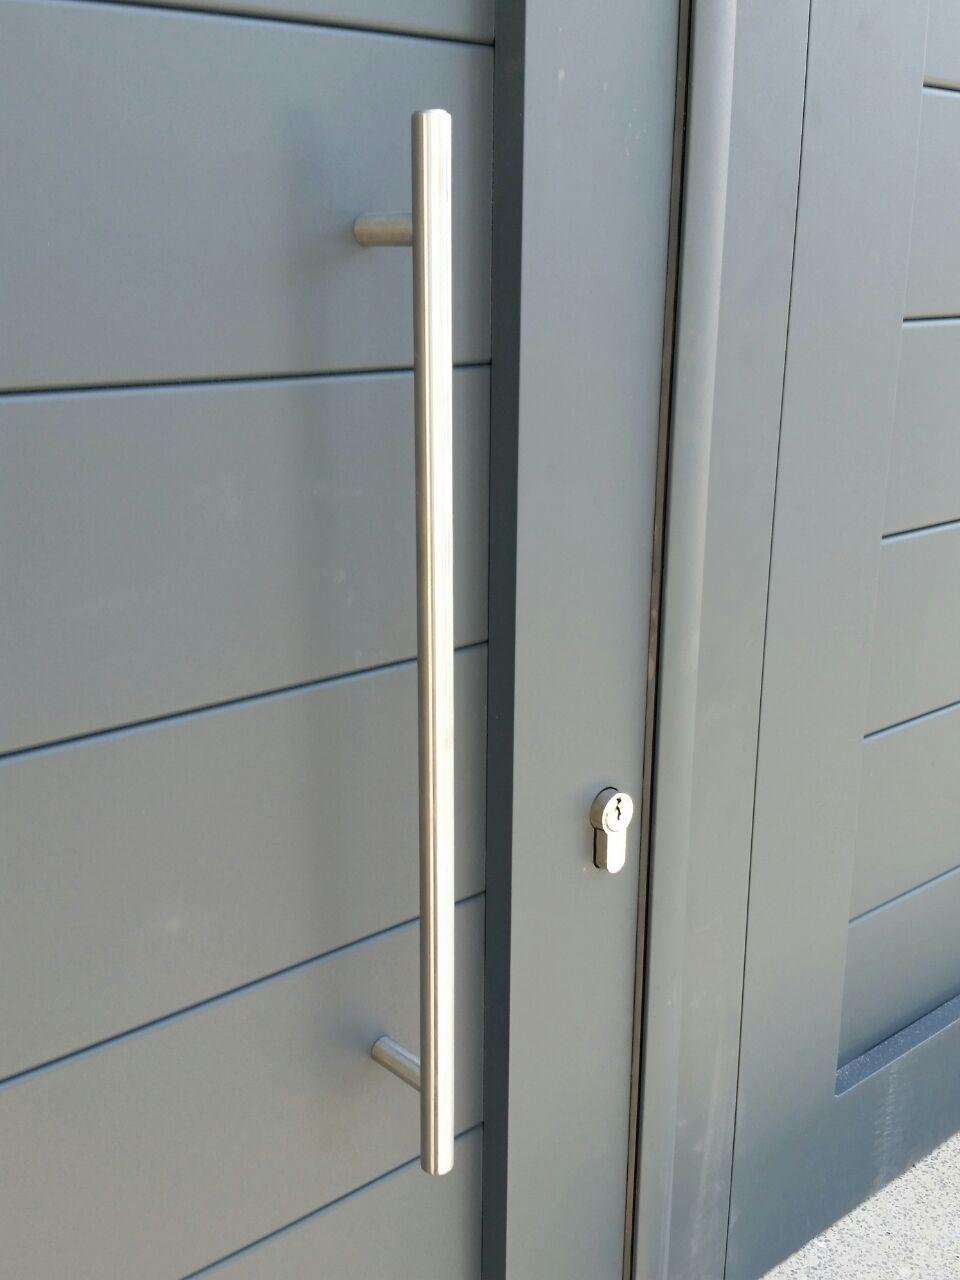 Puertas de aluminio soldado y vallas grupo marver for Puertas corredizas metalicas